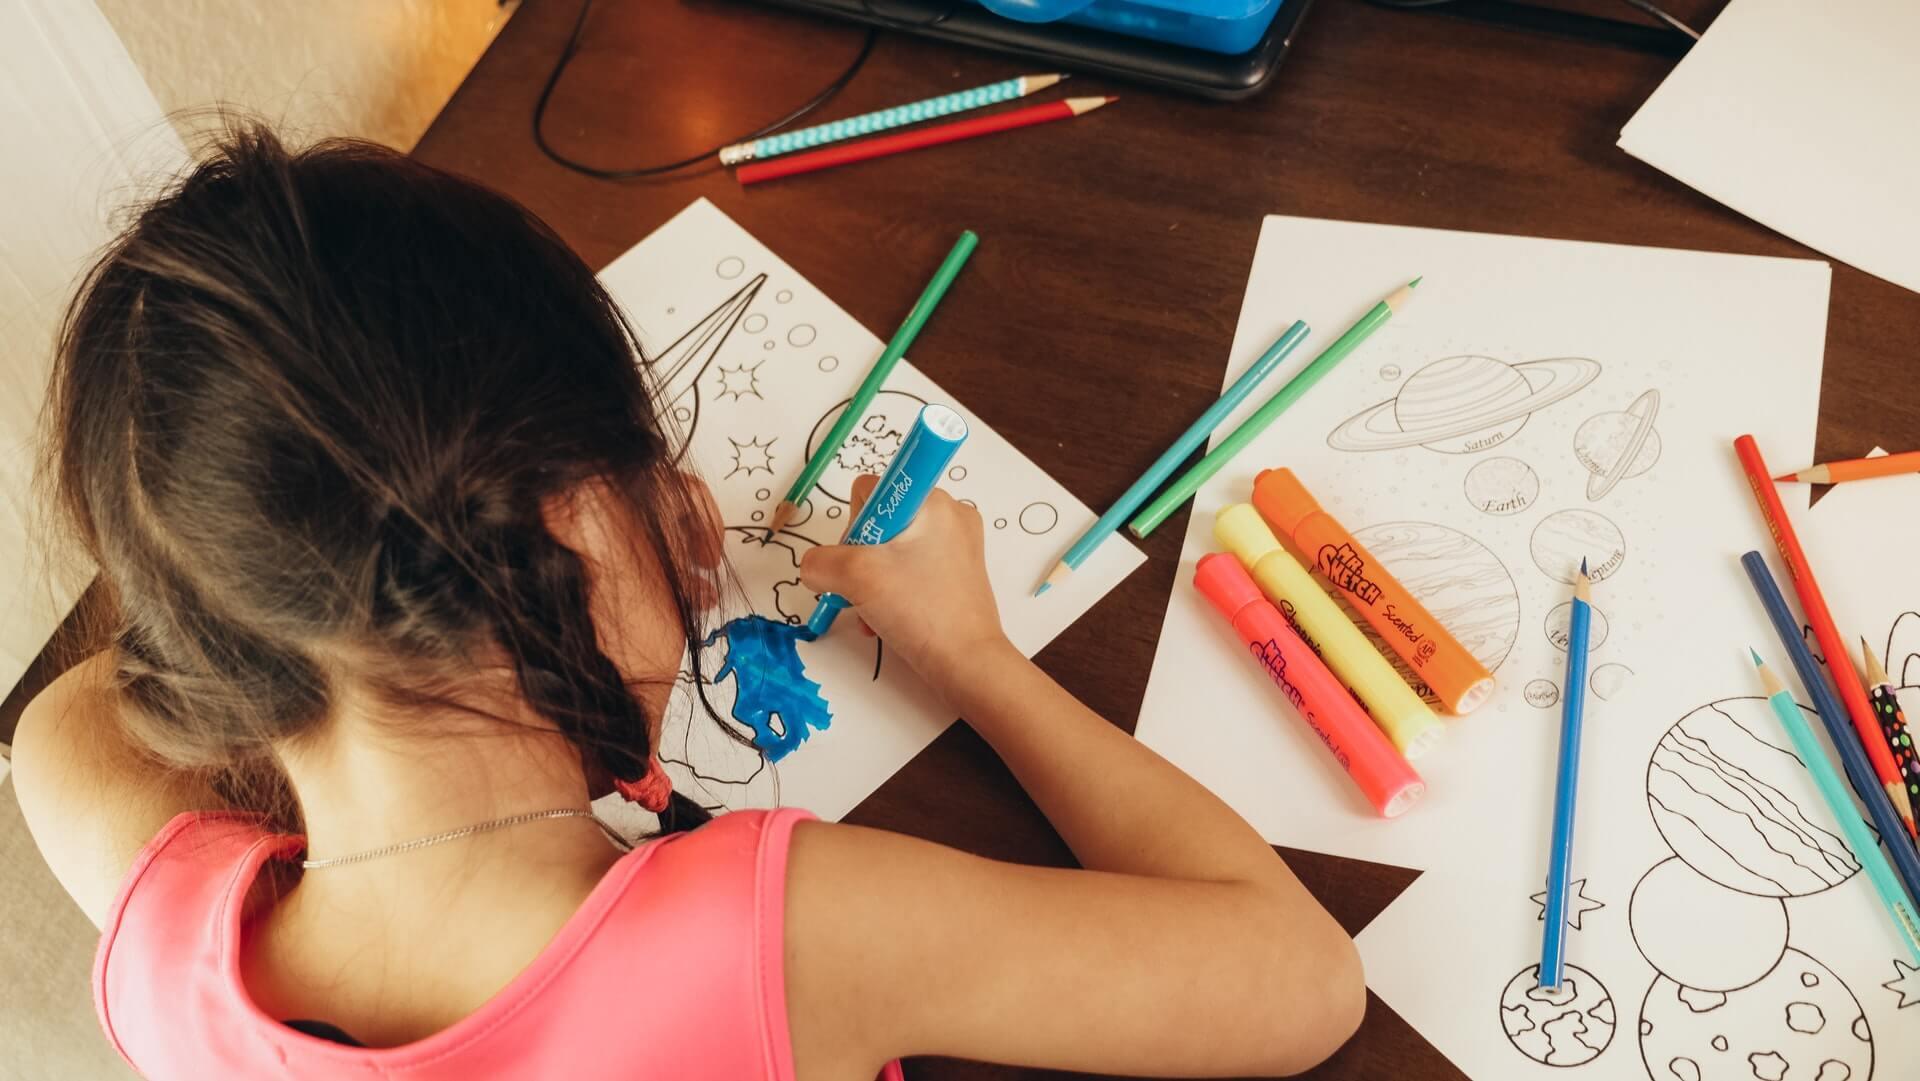 Vemos uma criança colorindo alguns desenhos impressos em papel (imagem ilustrativa). Texto: franquia de recreação infantil YouPlay.